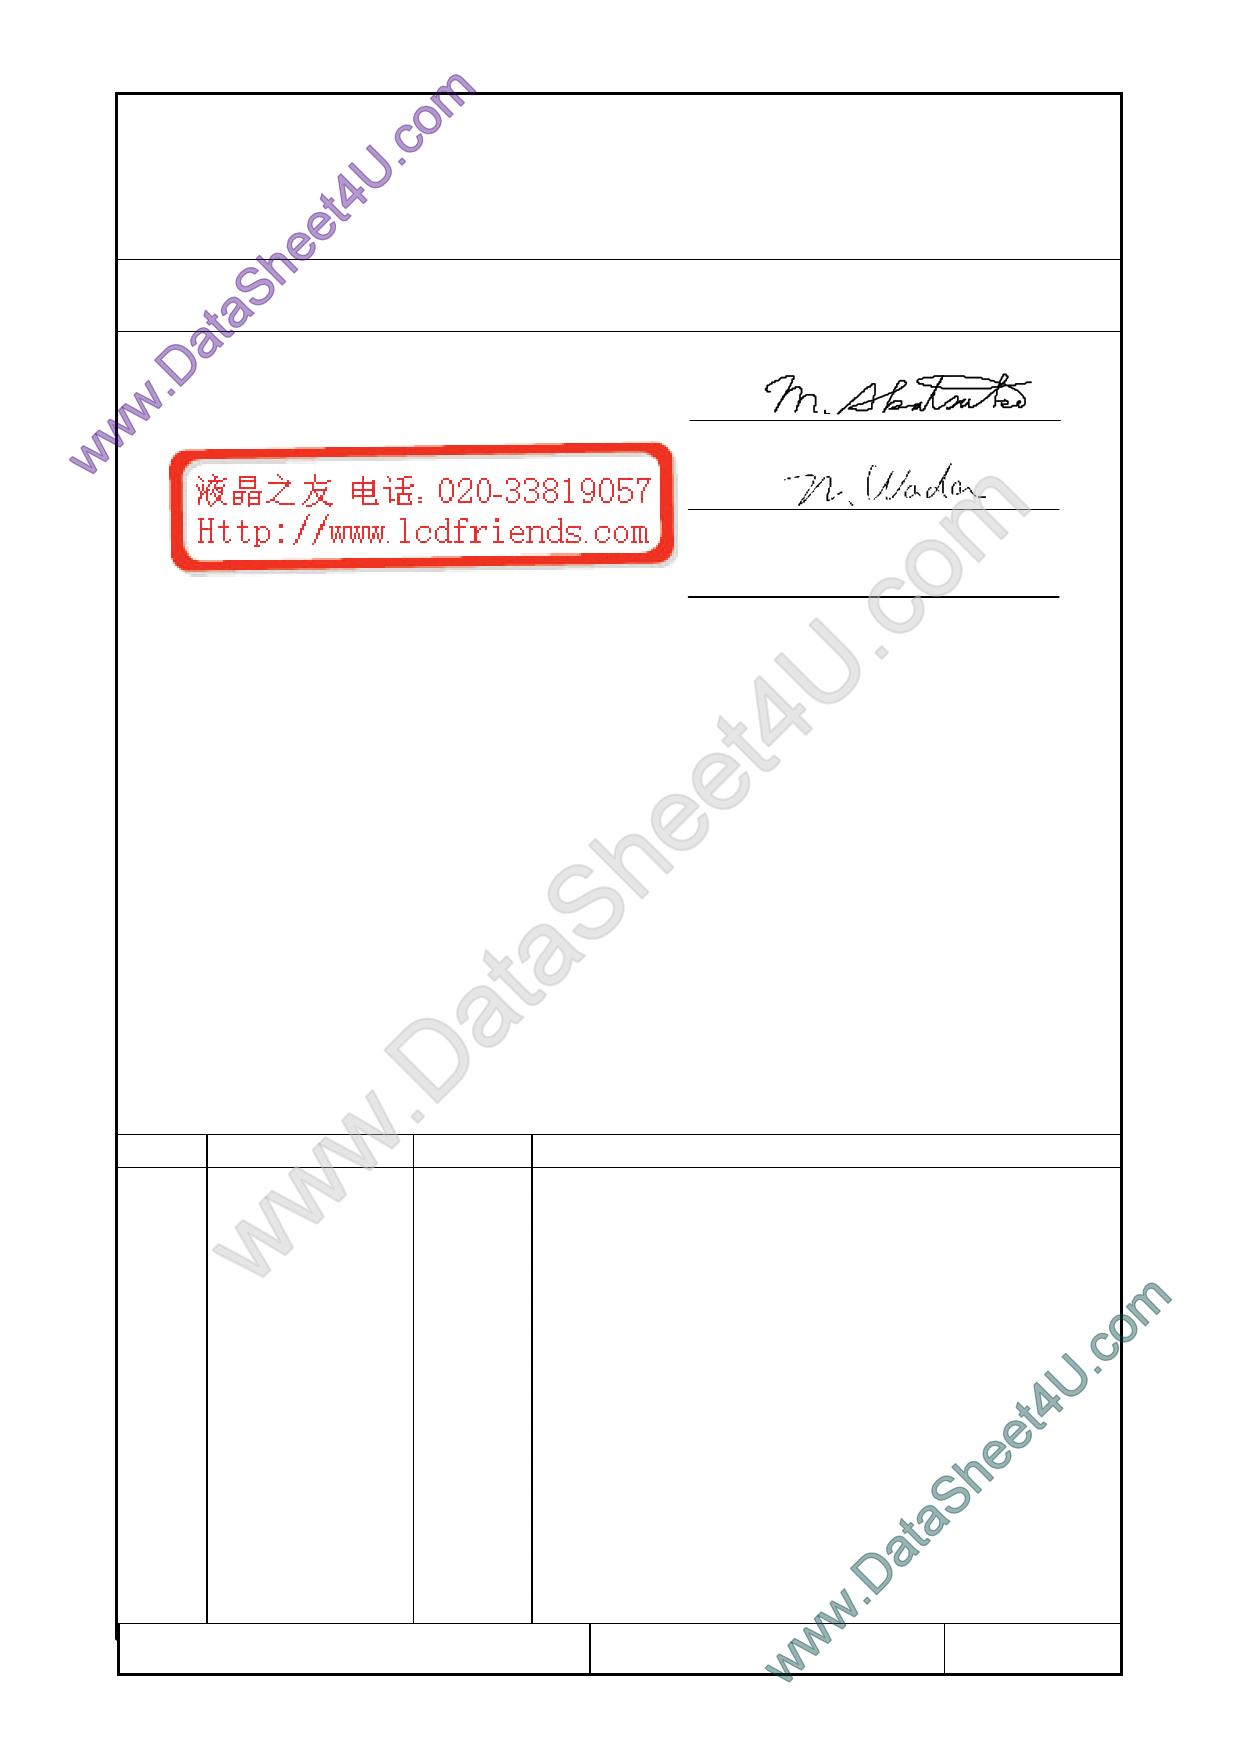 F-51852GNFQJ-LR-AGN datasheet